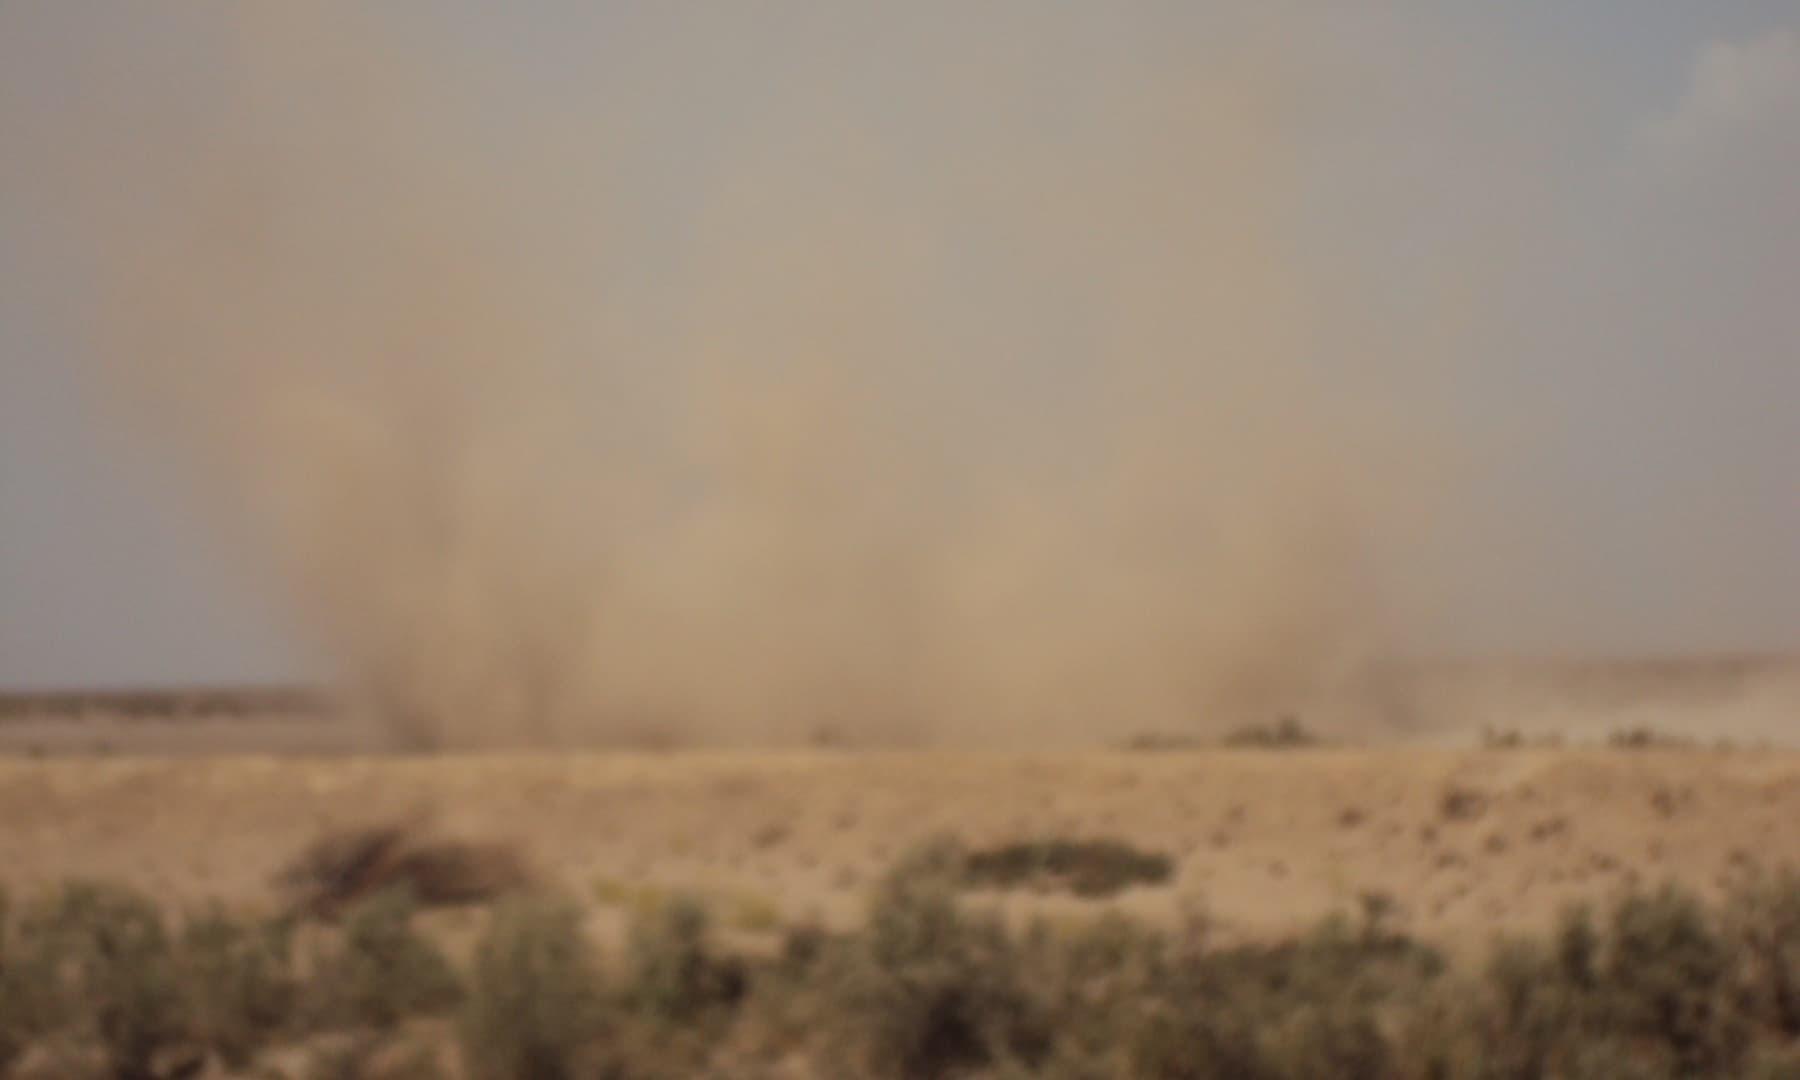 ہوا کے بگولے رہائشیوں کے لیے مسائل میں اضافہ کردیتے ہیں—تصویر ابوبکر شیخ